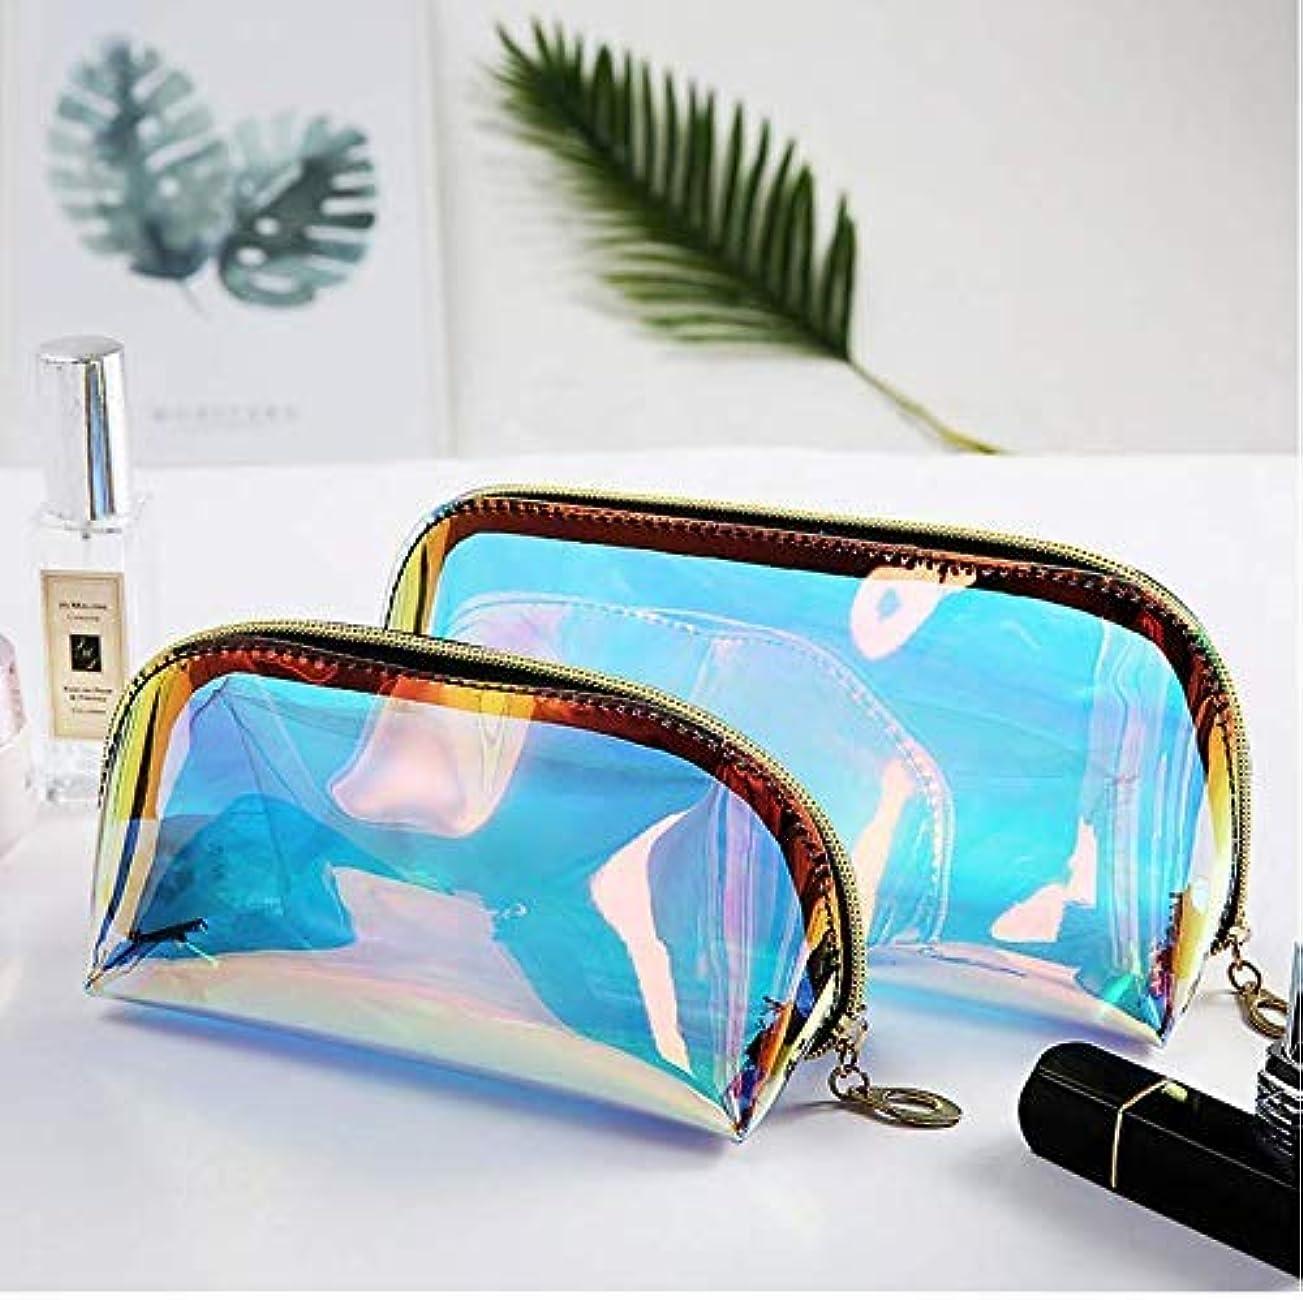 マウスピース申し立てマニアYiTongの2つのホログラフィックメイクアップバッグ虹色の化粧品ケースホログラムクラッチトイレタリーポーチハンディオーガナイザー透明な女性のイブニングバッグ(大小)